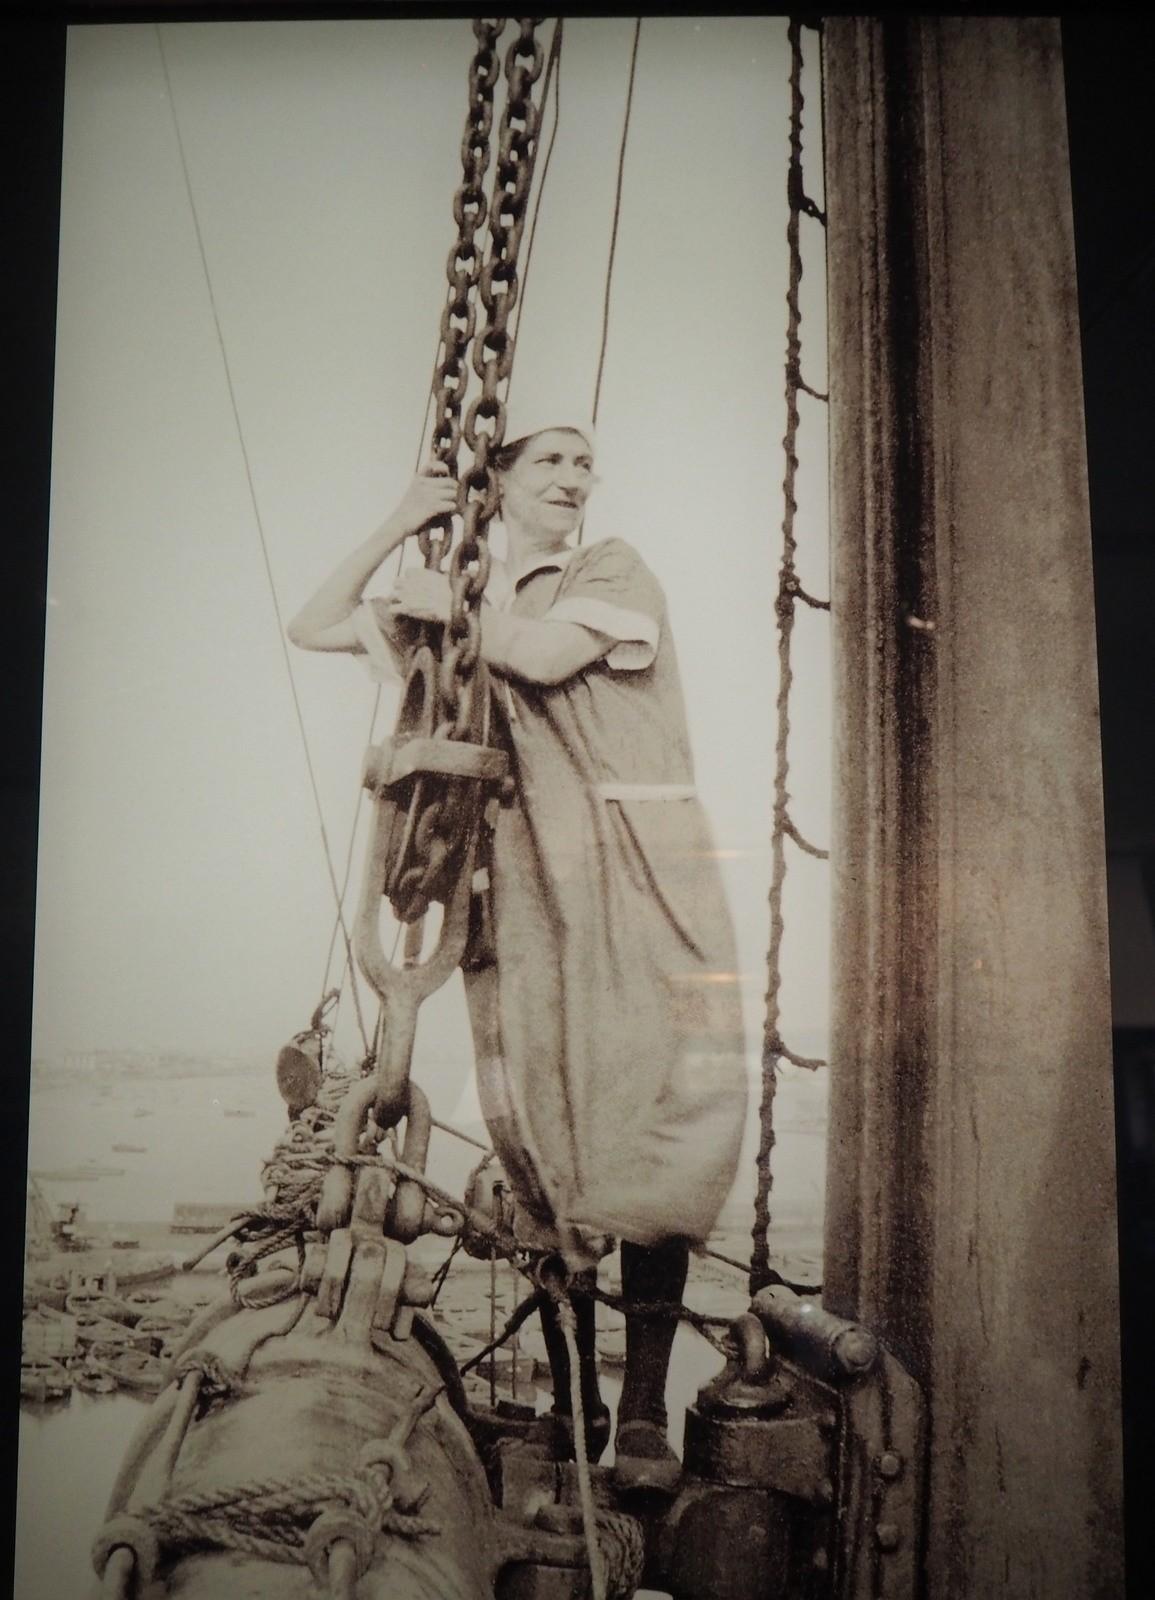 Widbom Ahvenanmaan merenkulkumuseo